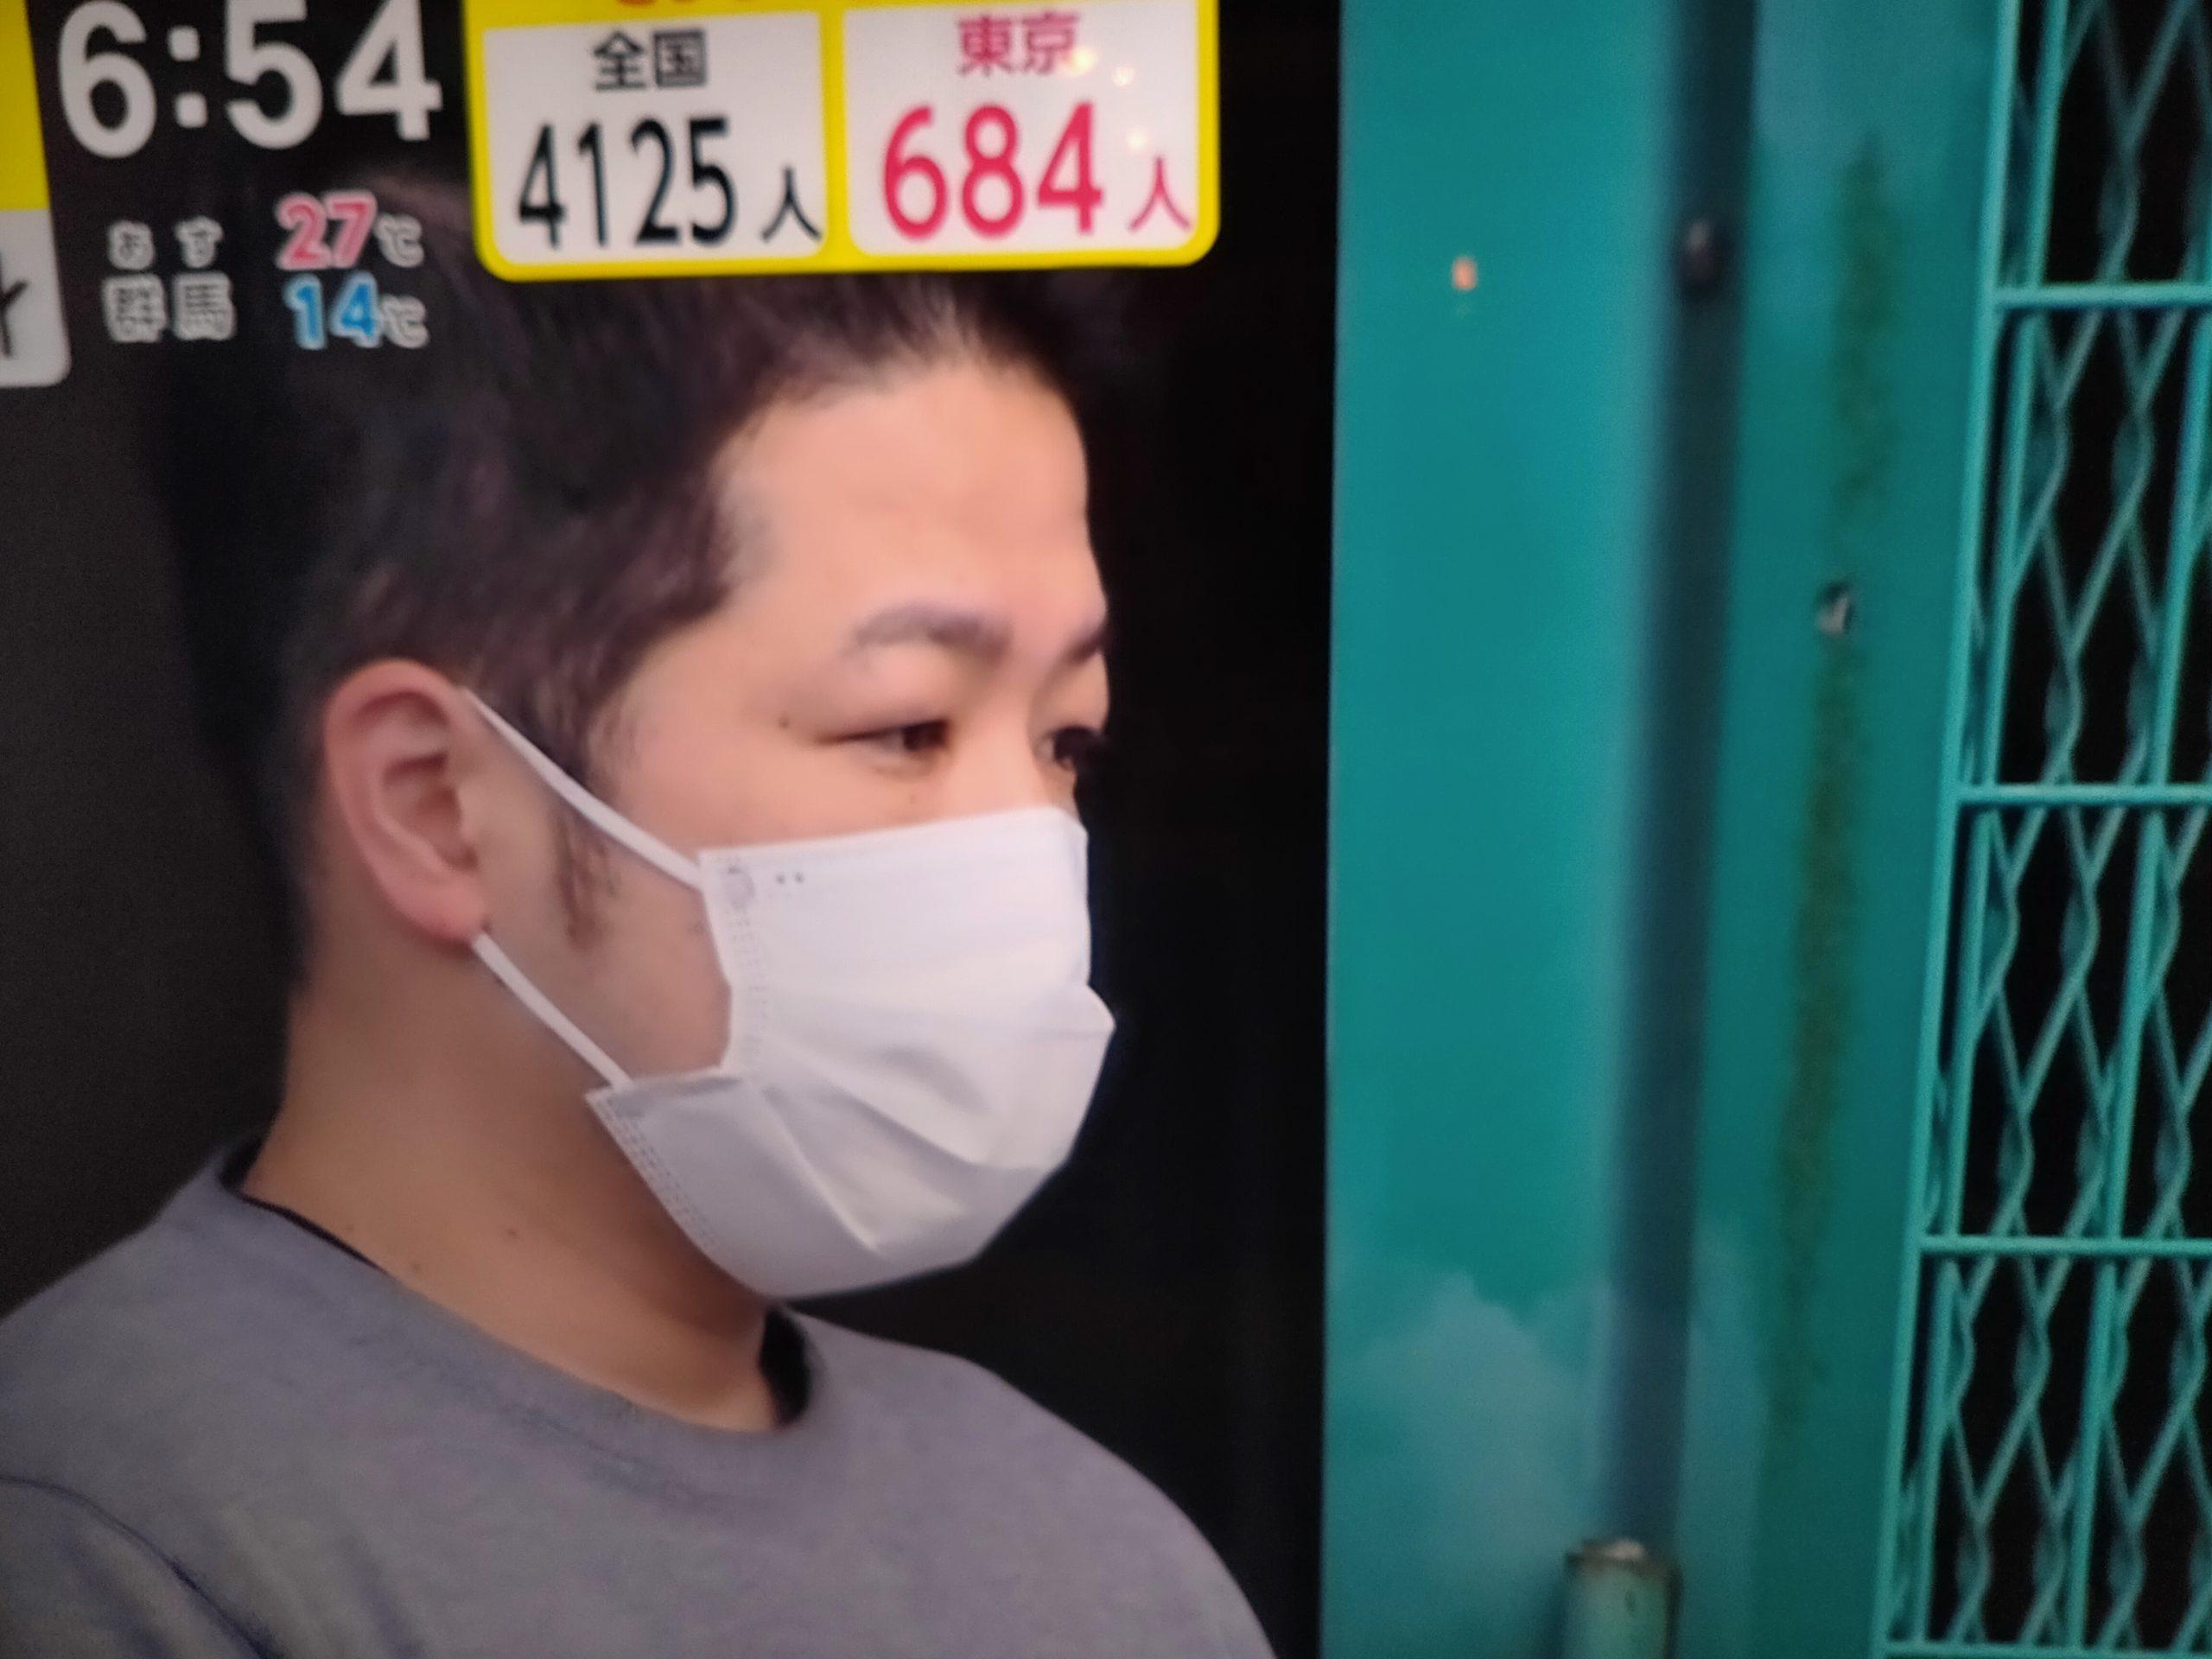 田中賢治容疑者Facebook顔画像特定か!大手製パン会社はどこ?家族(妻・子供)は?